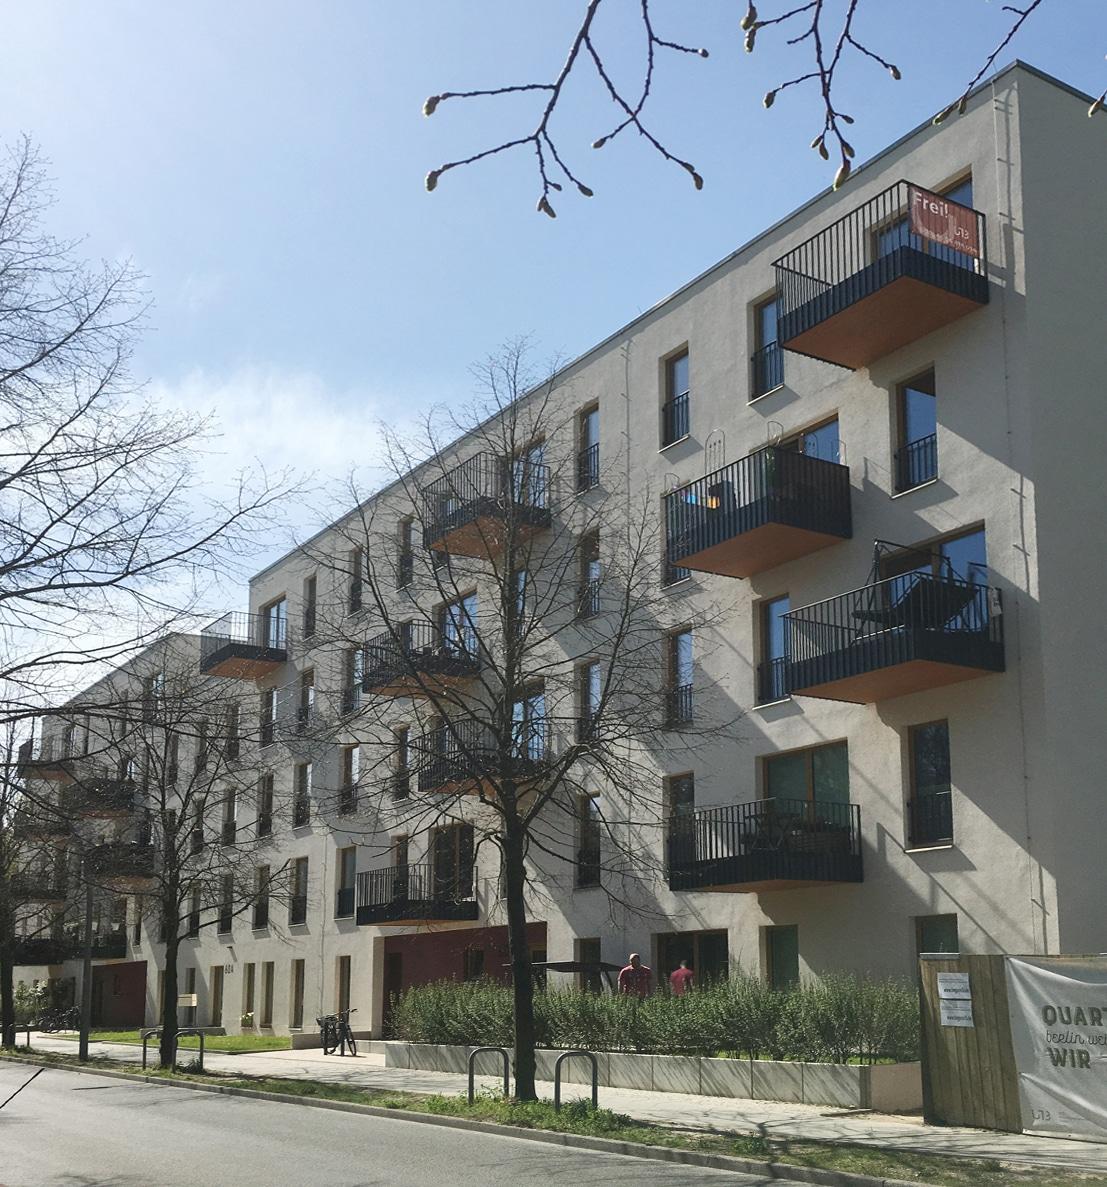 """Das """"Quartier Wir"""" in Berlin-Weißensee fördert mit vielfältigen Wohnformen das generationen-übergreifende Zusammenleben und ist ein urbaner Treffpunkt für den gesamten Kiez."""